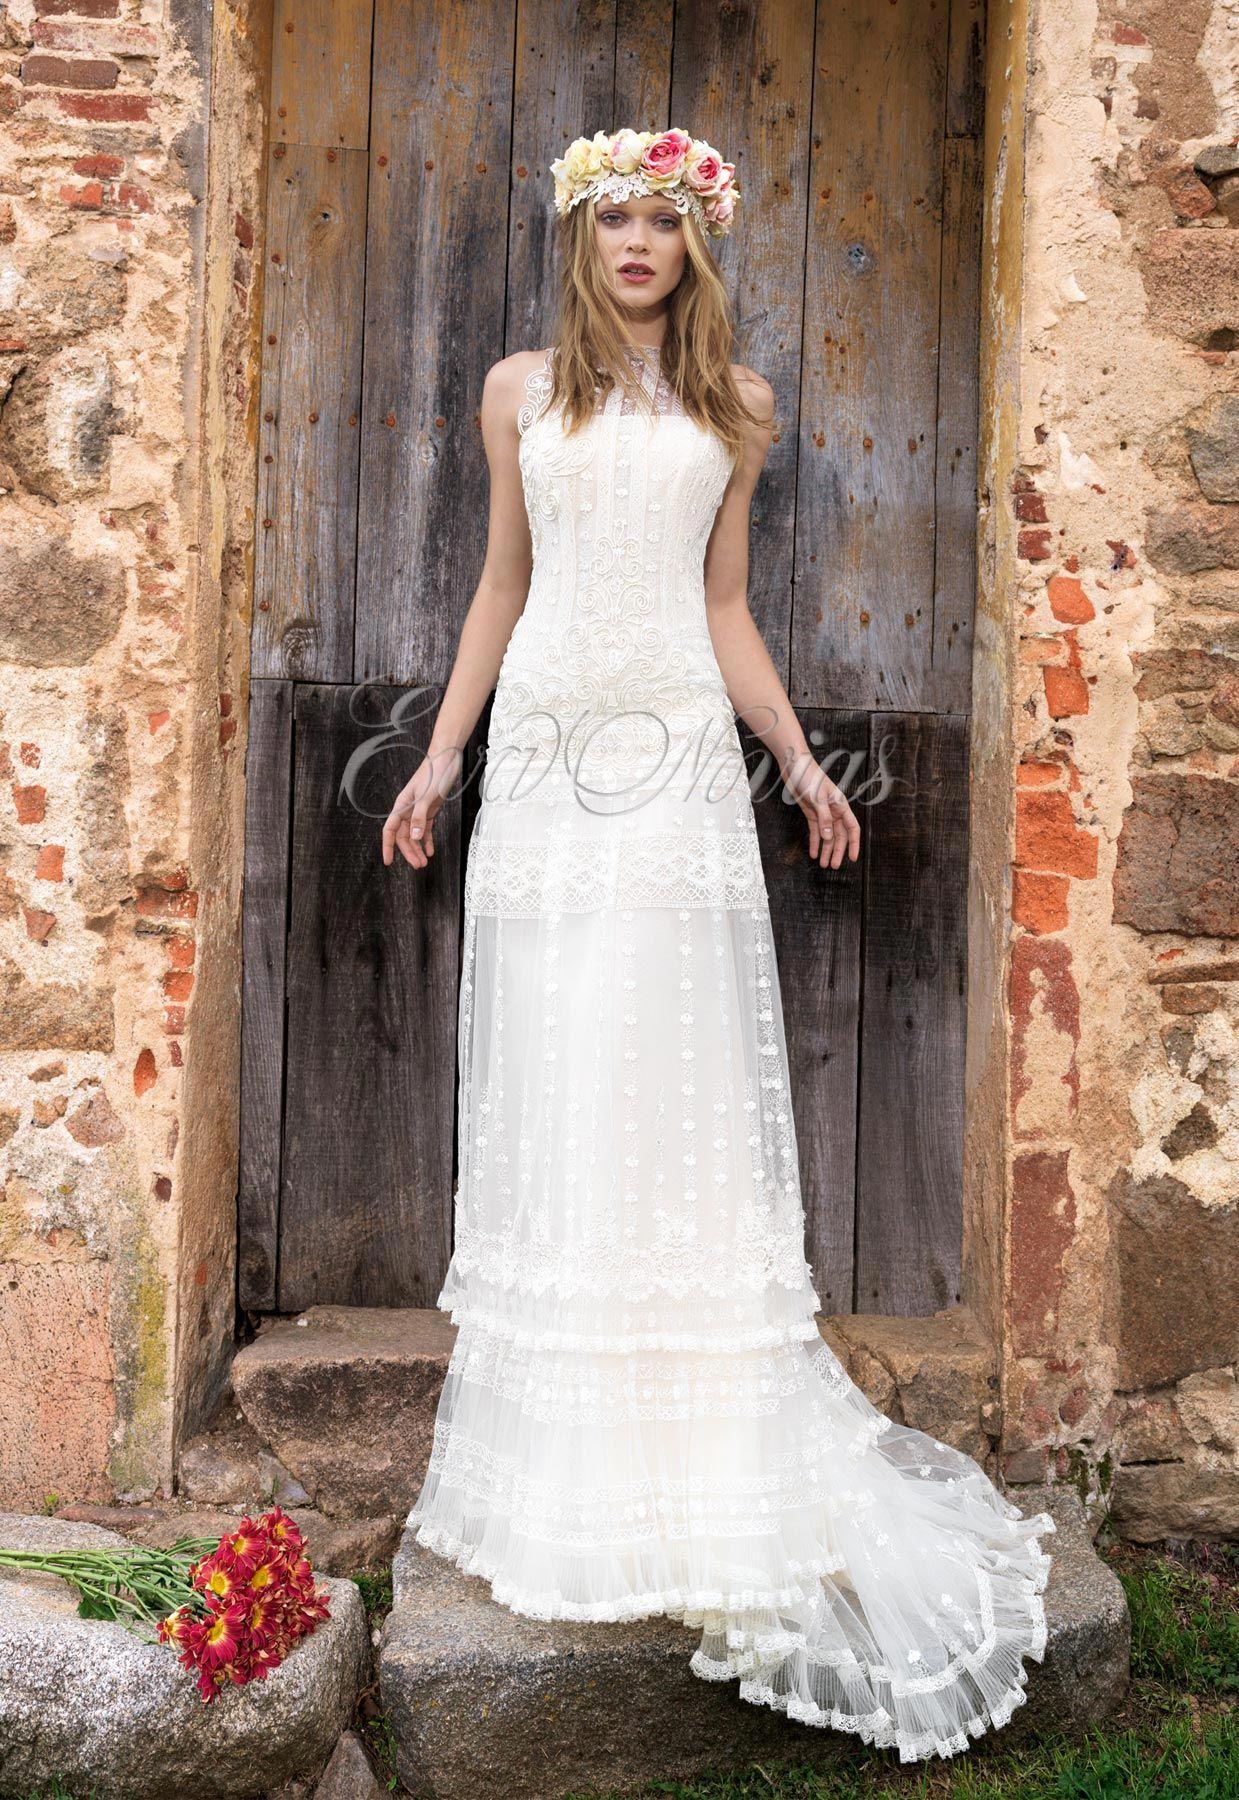 Mañana vestido de novia yolan cris modelo anet wedding dresses